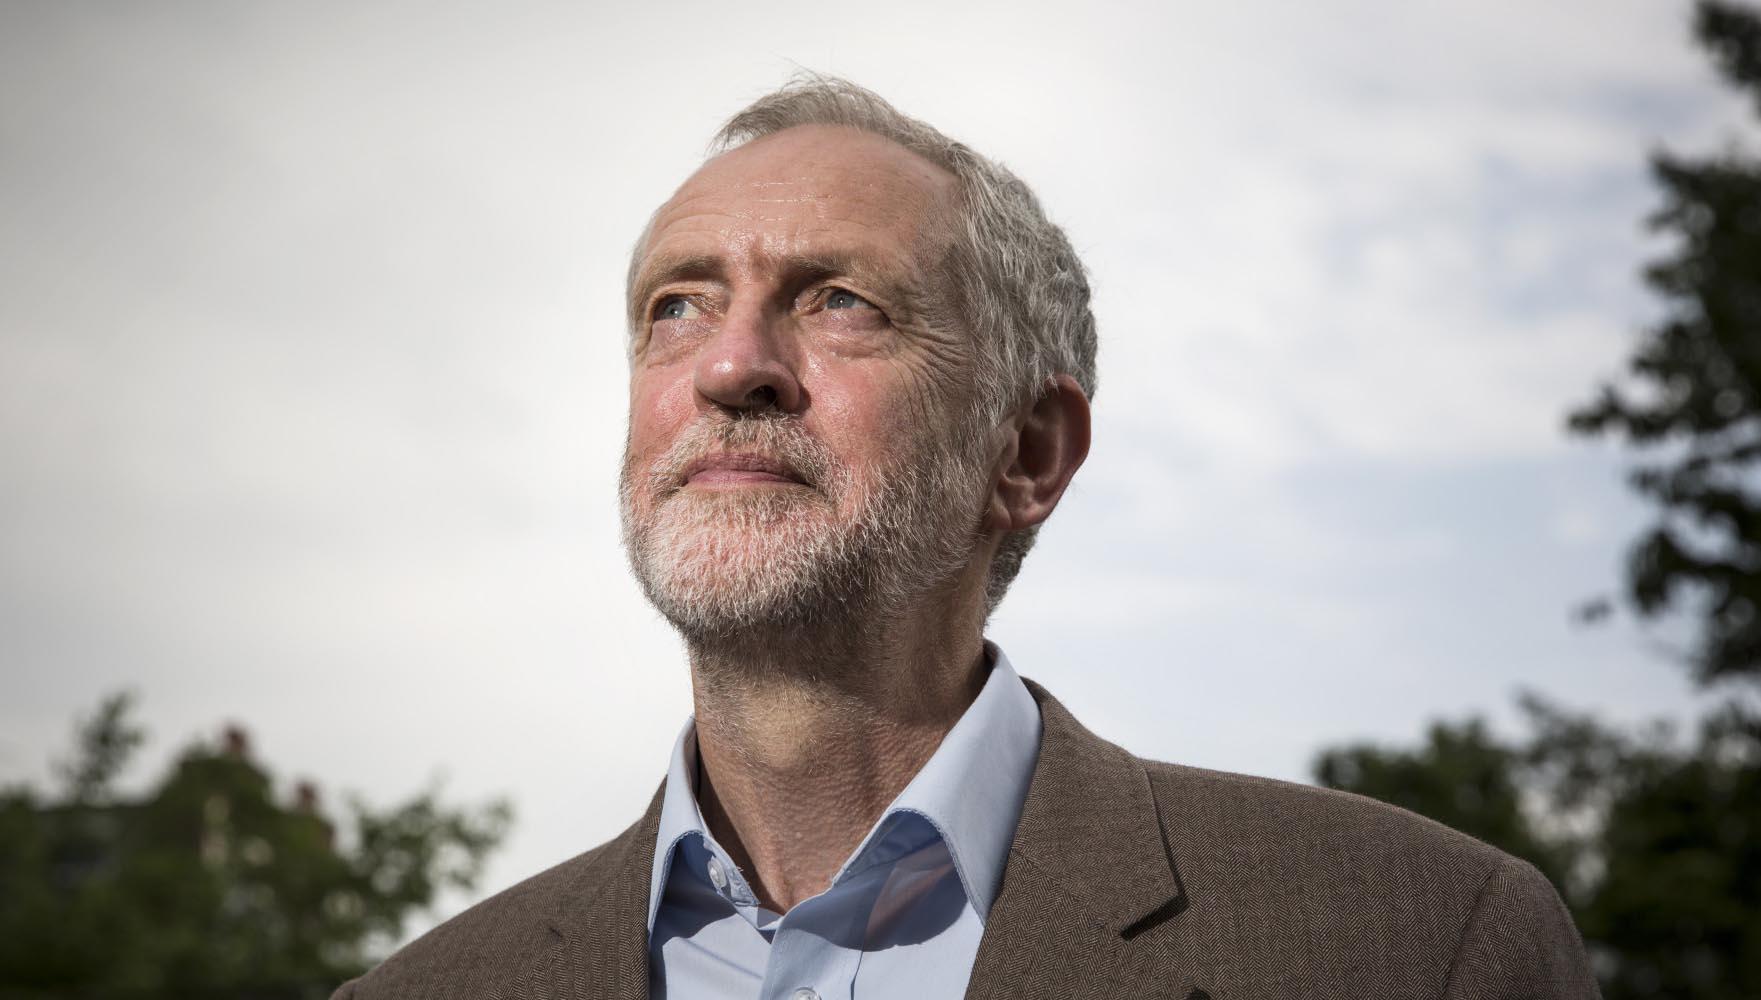 Jeremy_corbyn-